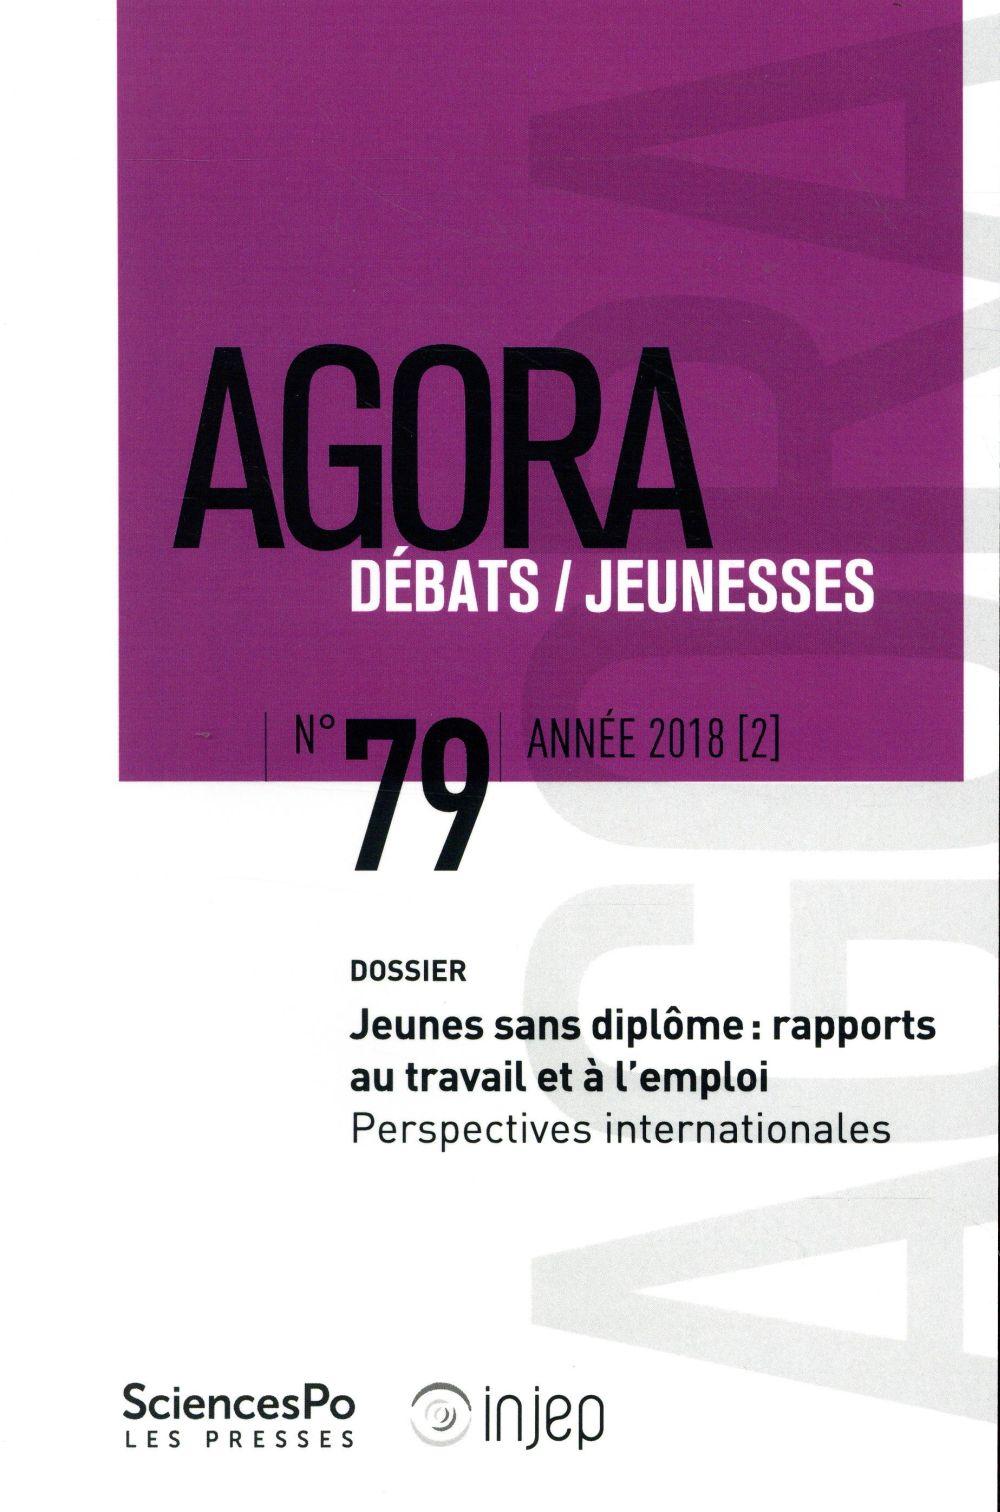 Agora debats / jeunesse ; jeunes sans diplome: rapports au travail et a l'emploi ; perspectives internationales